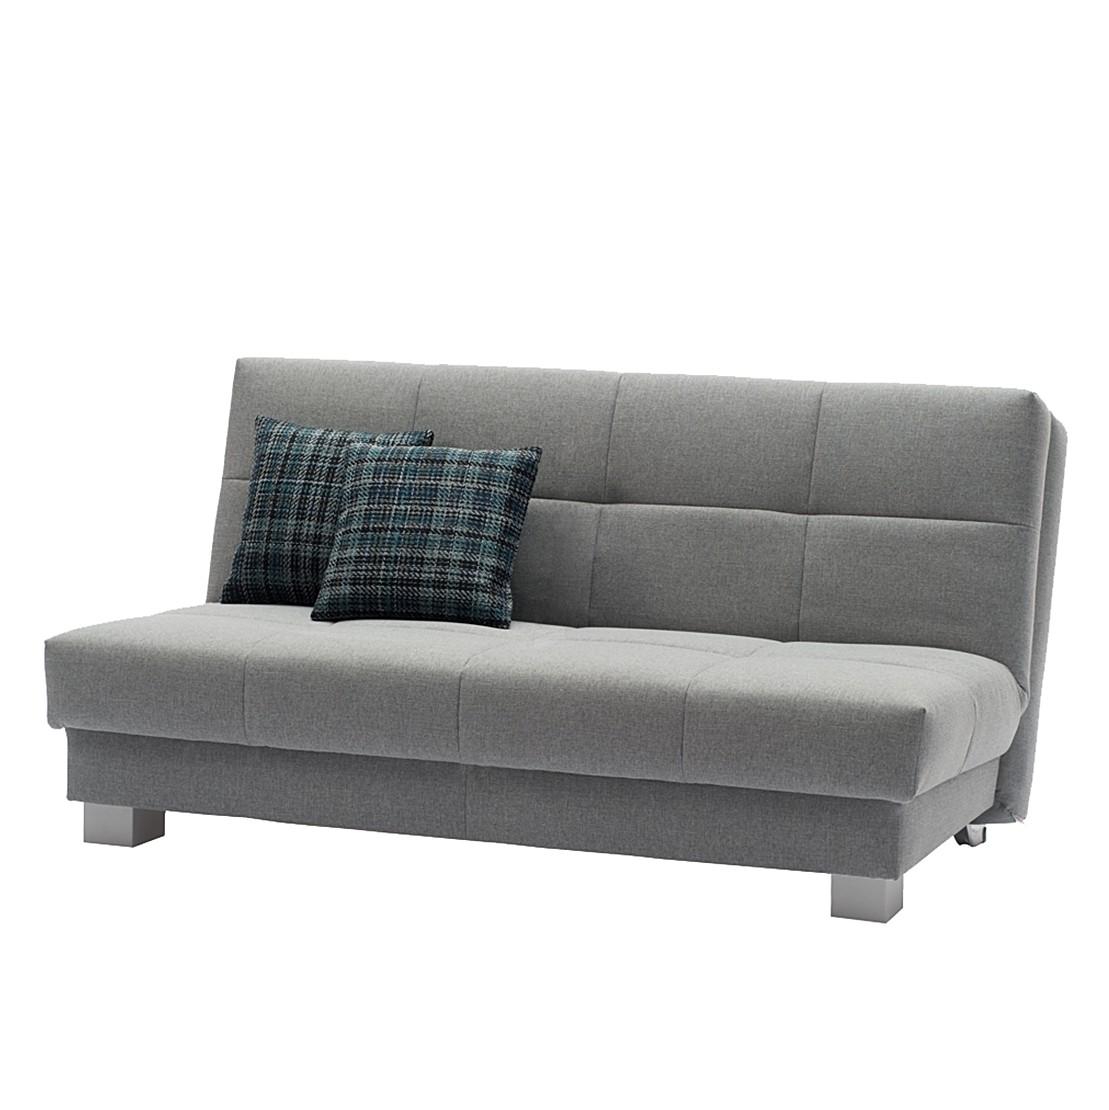 Schlafcouch Rincon – Webstoff – Grau – Breite: 120 cm, TopDesign günstig online kaufen